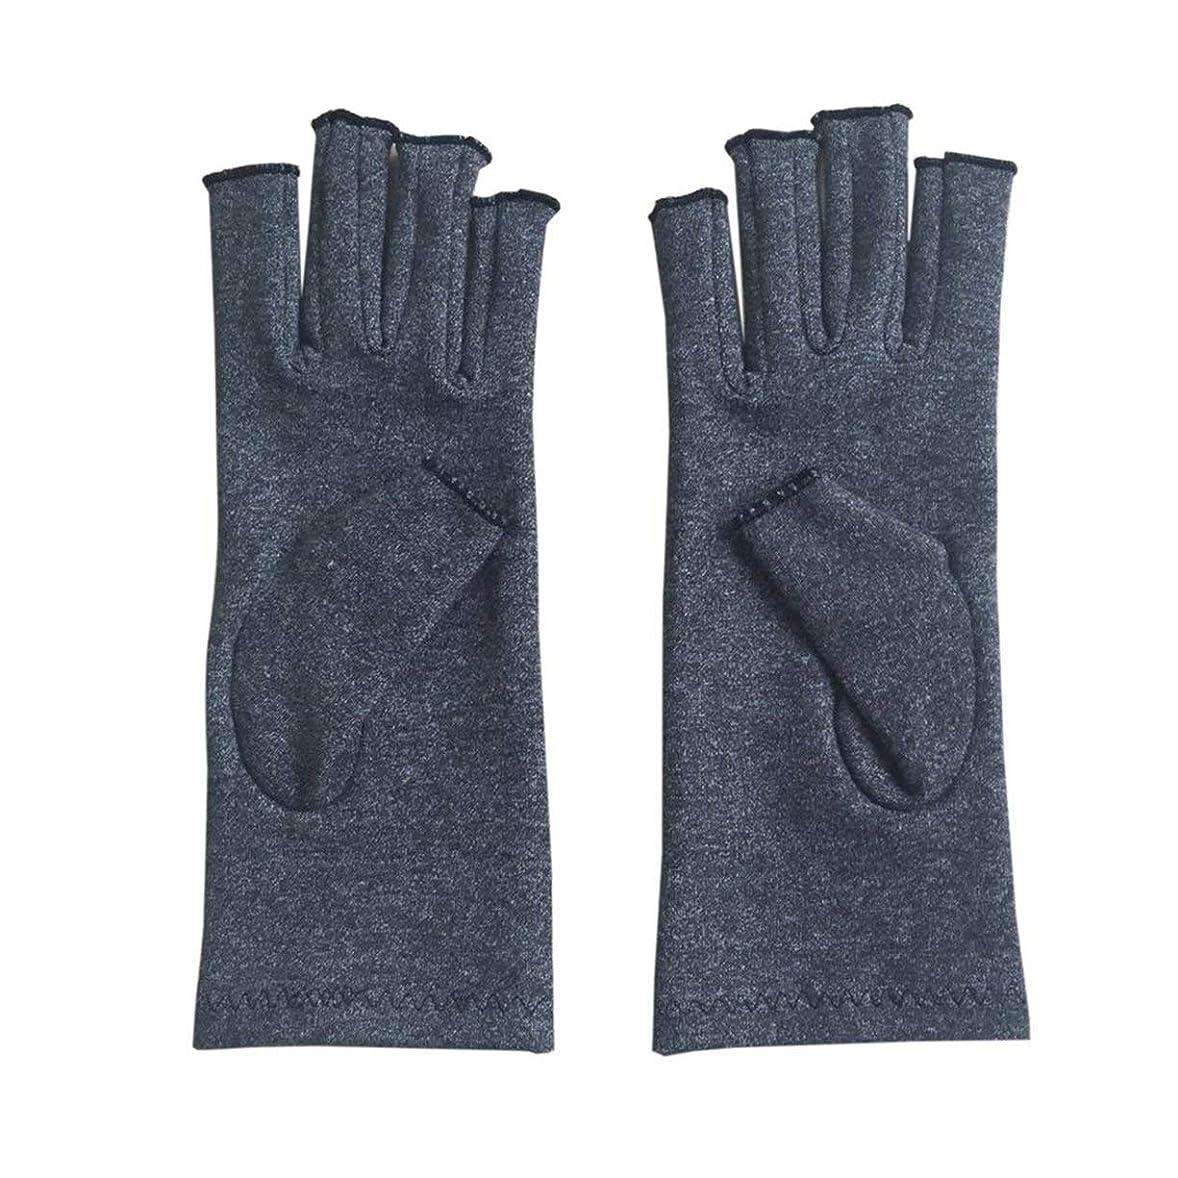 割合万一に備えてますますペア/セットの快適な男性の女性療法の圧縮手袋無地の通気性関節炎の関節の痛みを軽減する手袋 - グレーS